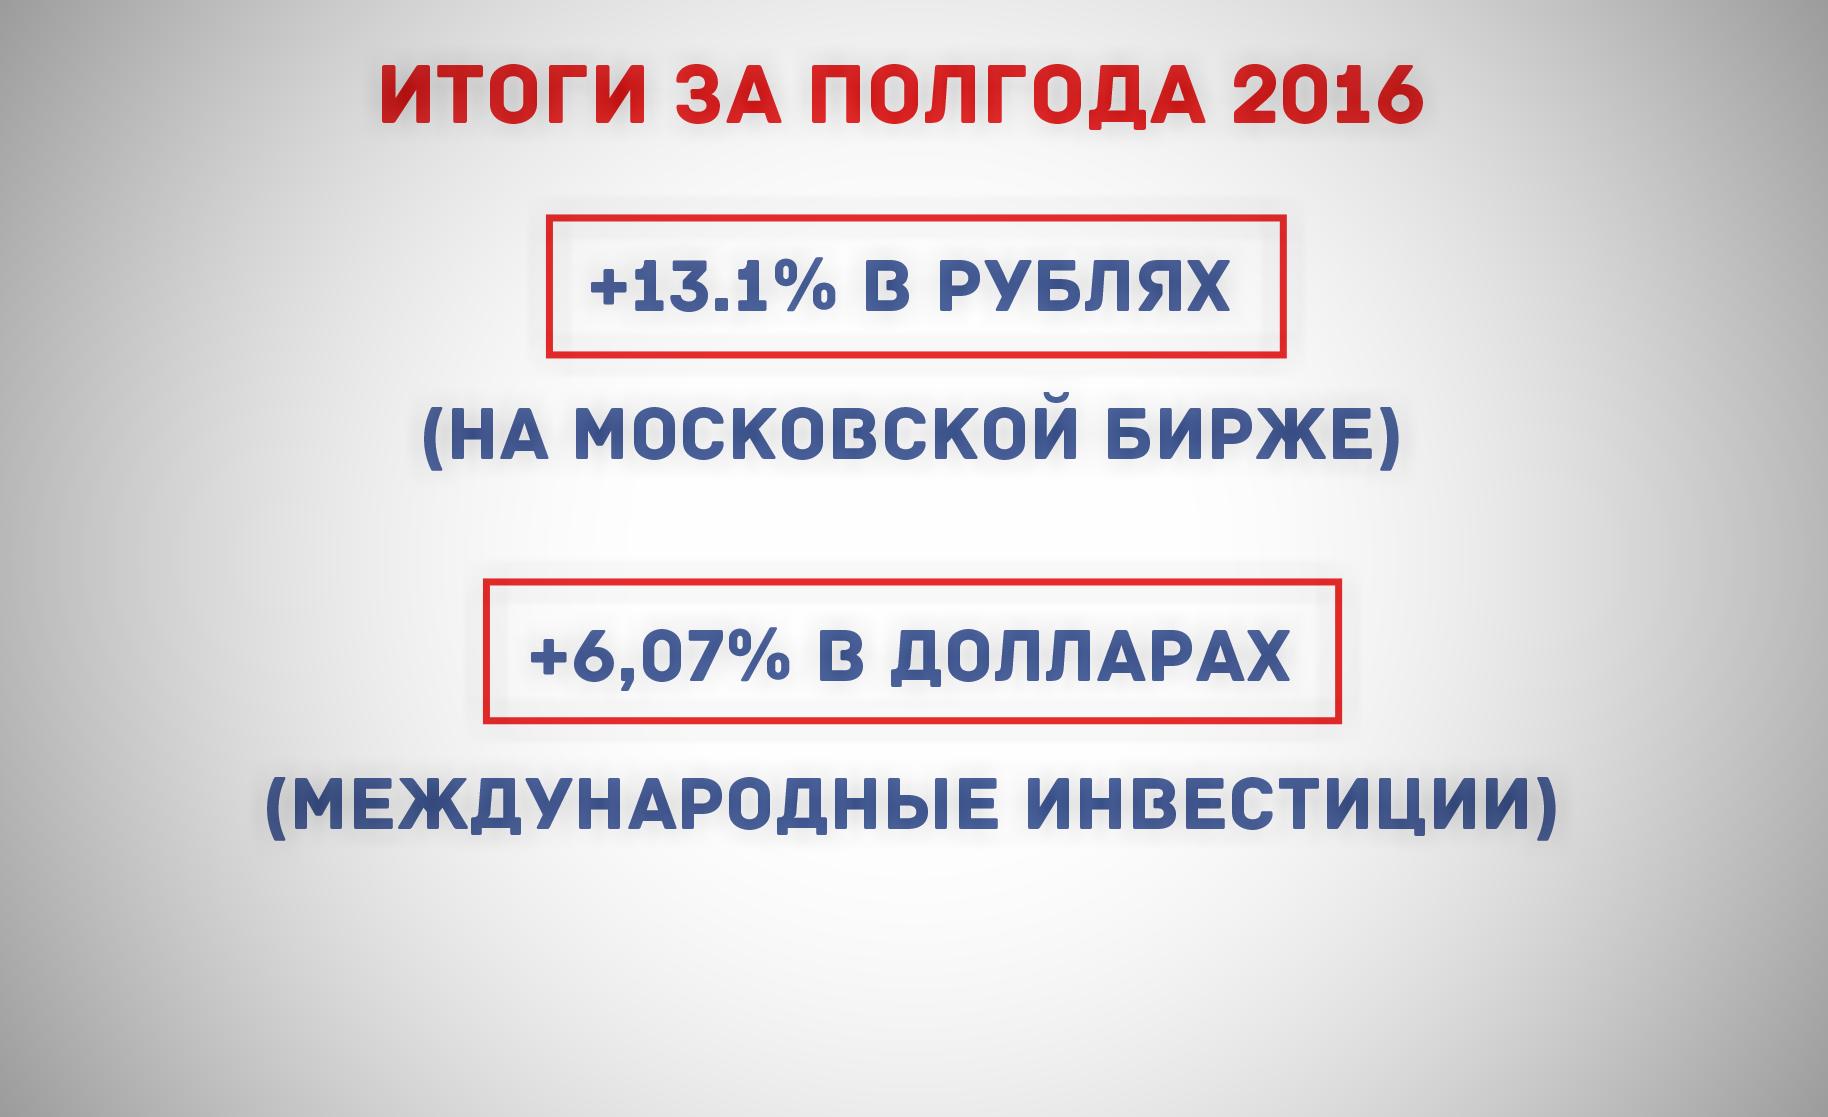 Итоги инвестиций от Хомутова Александра - независимого финансового советника в 2016 году